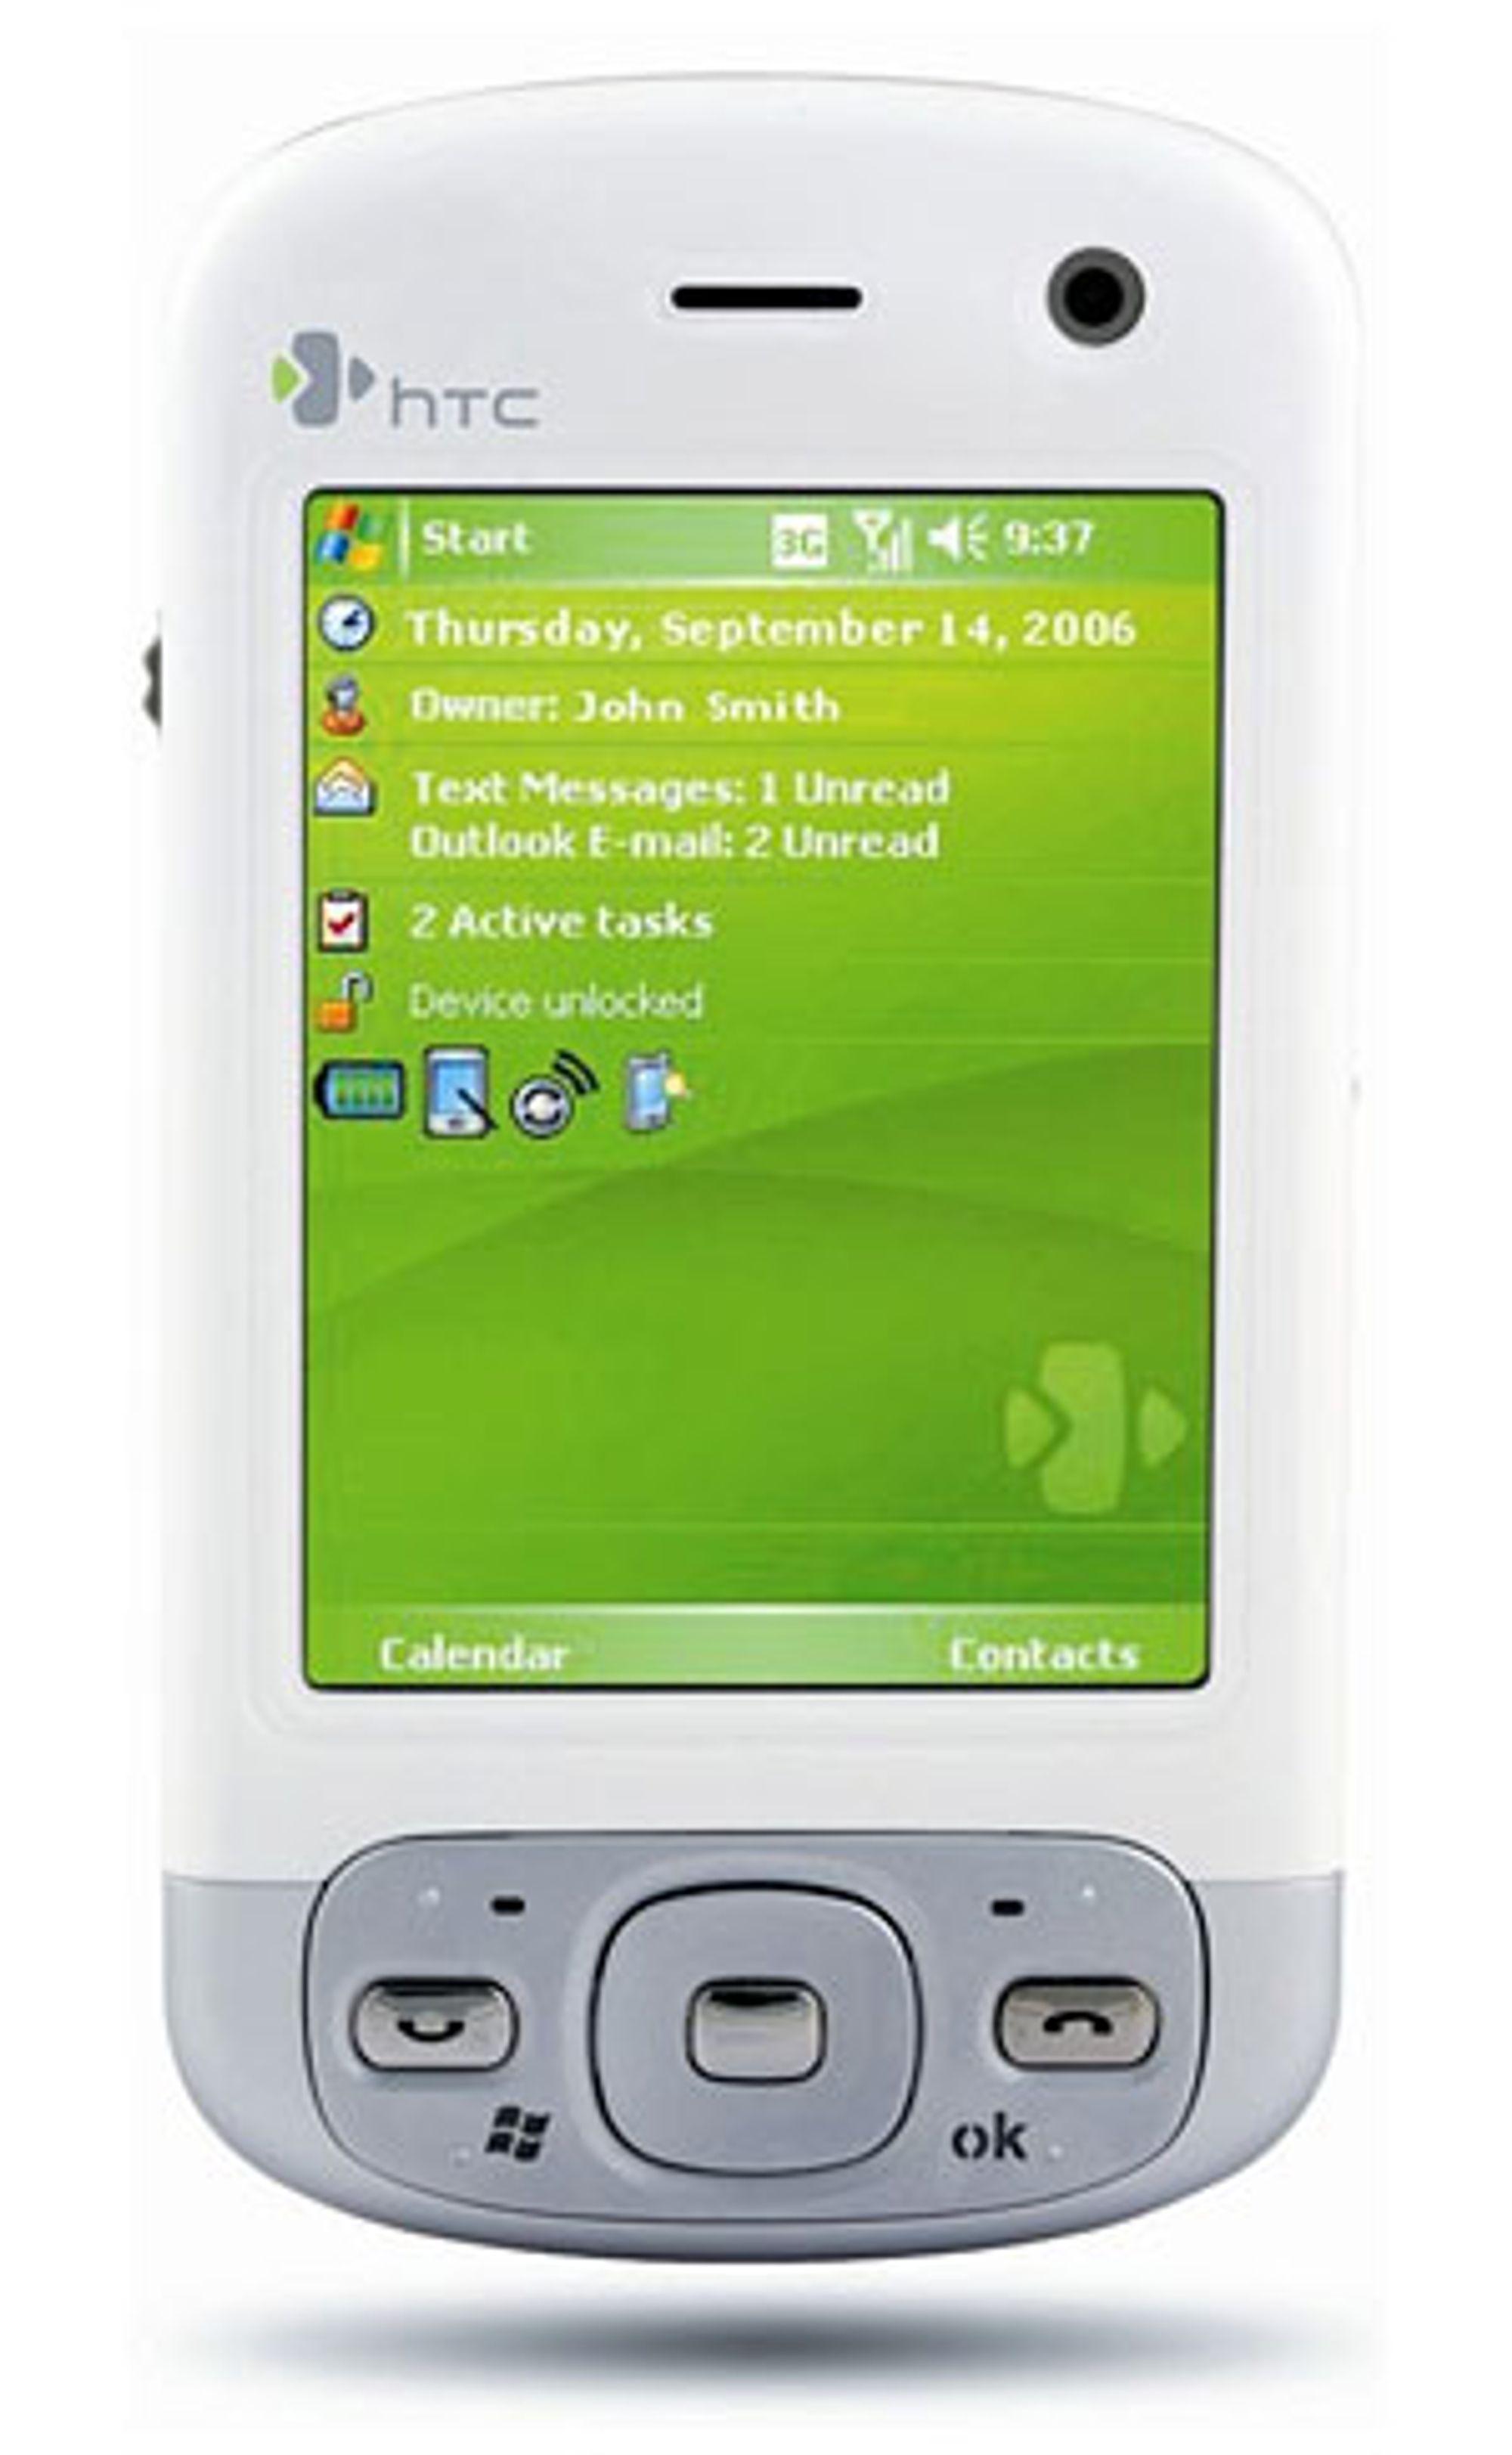 Det skjuler seg en GPS-mottaker inni HTC P3600.